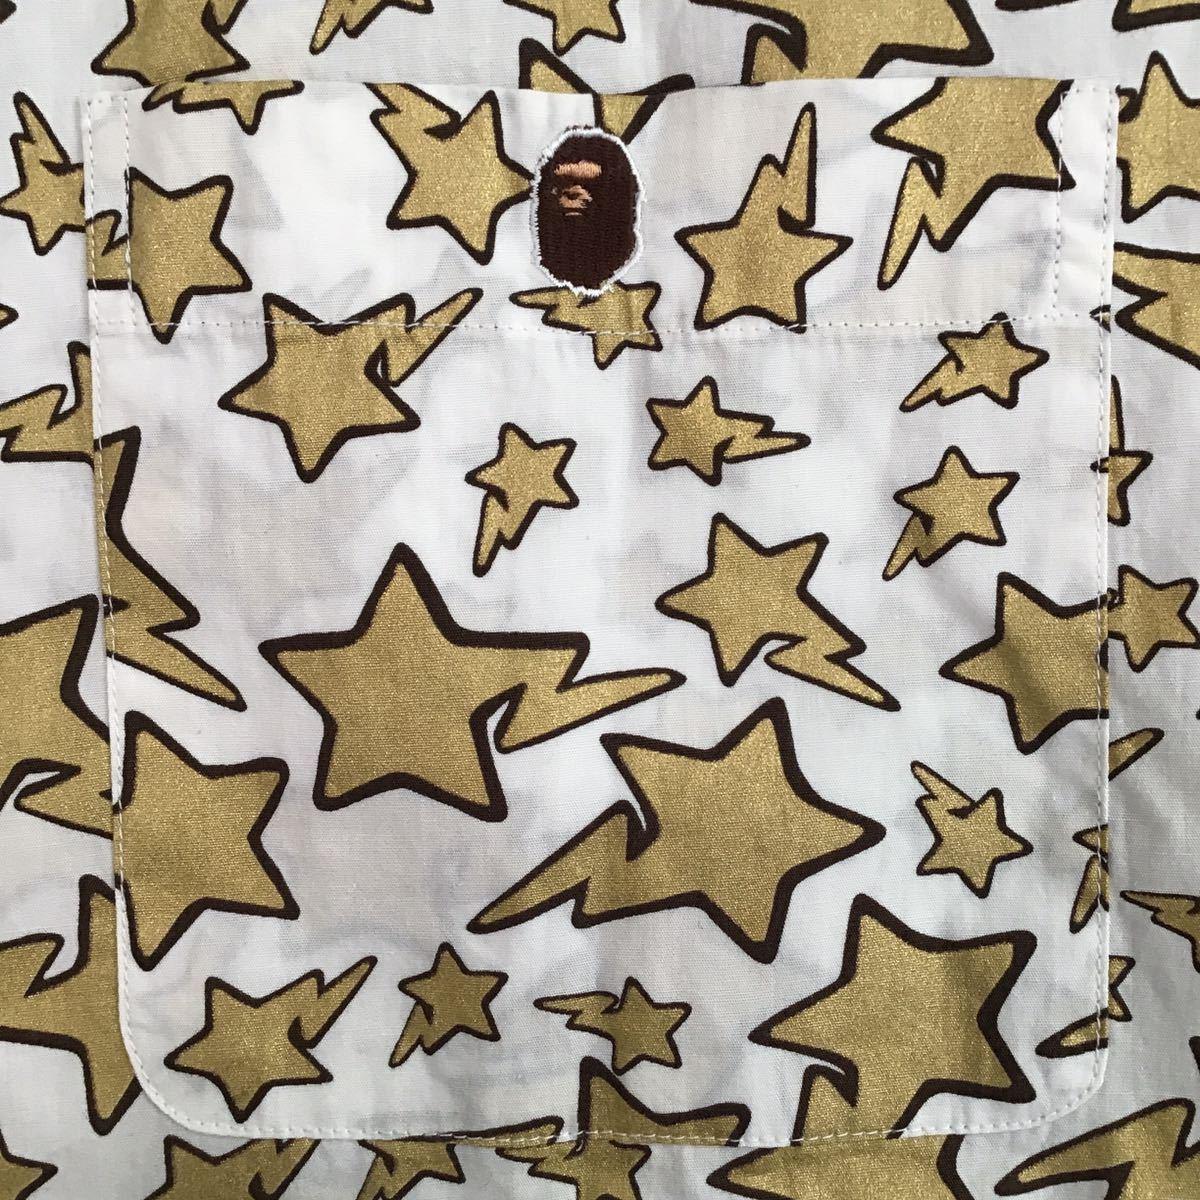 ★初期★ Gold BAPESTA 長袖シャツ Lサイズ a bathing ape bape sta エイプ ベイプ アベイシングエイプ vintage NIGO 1098